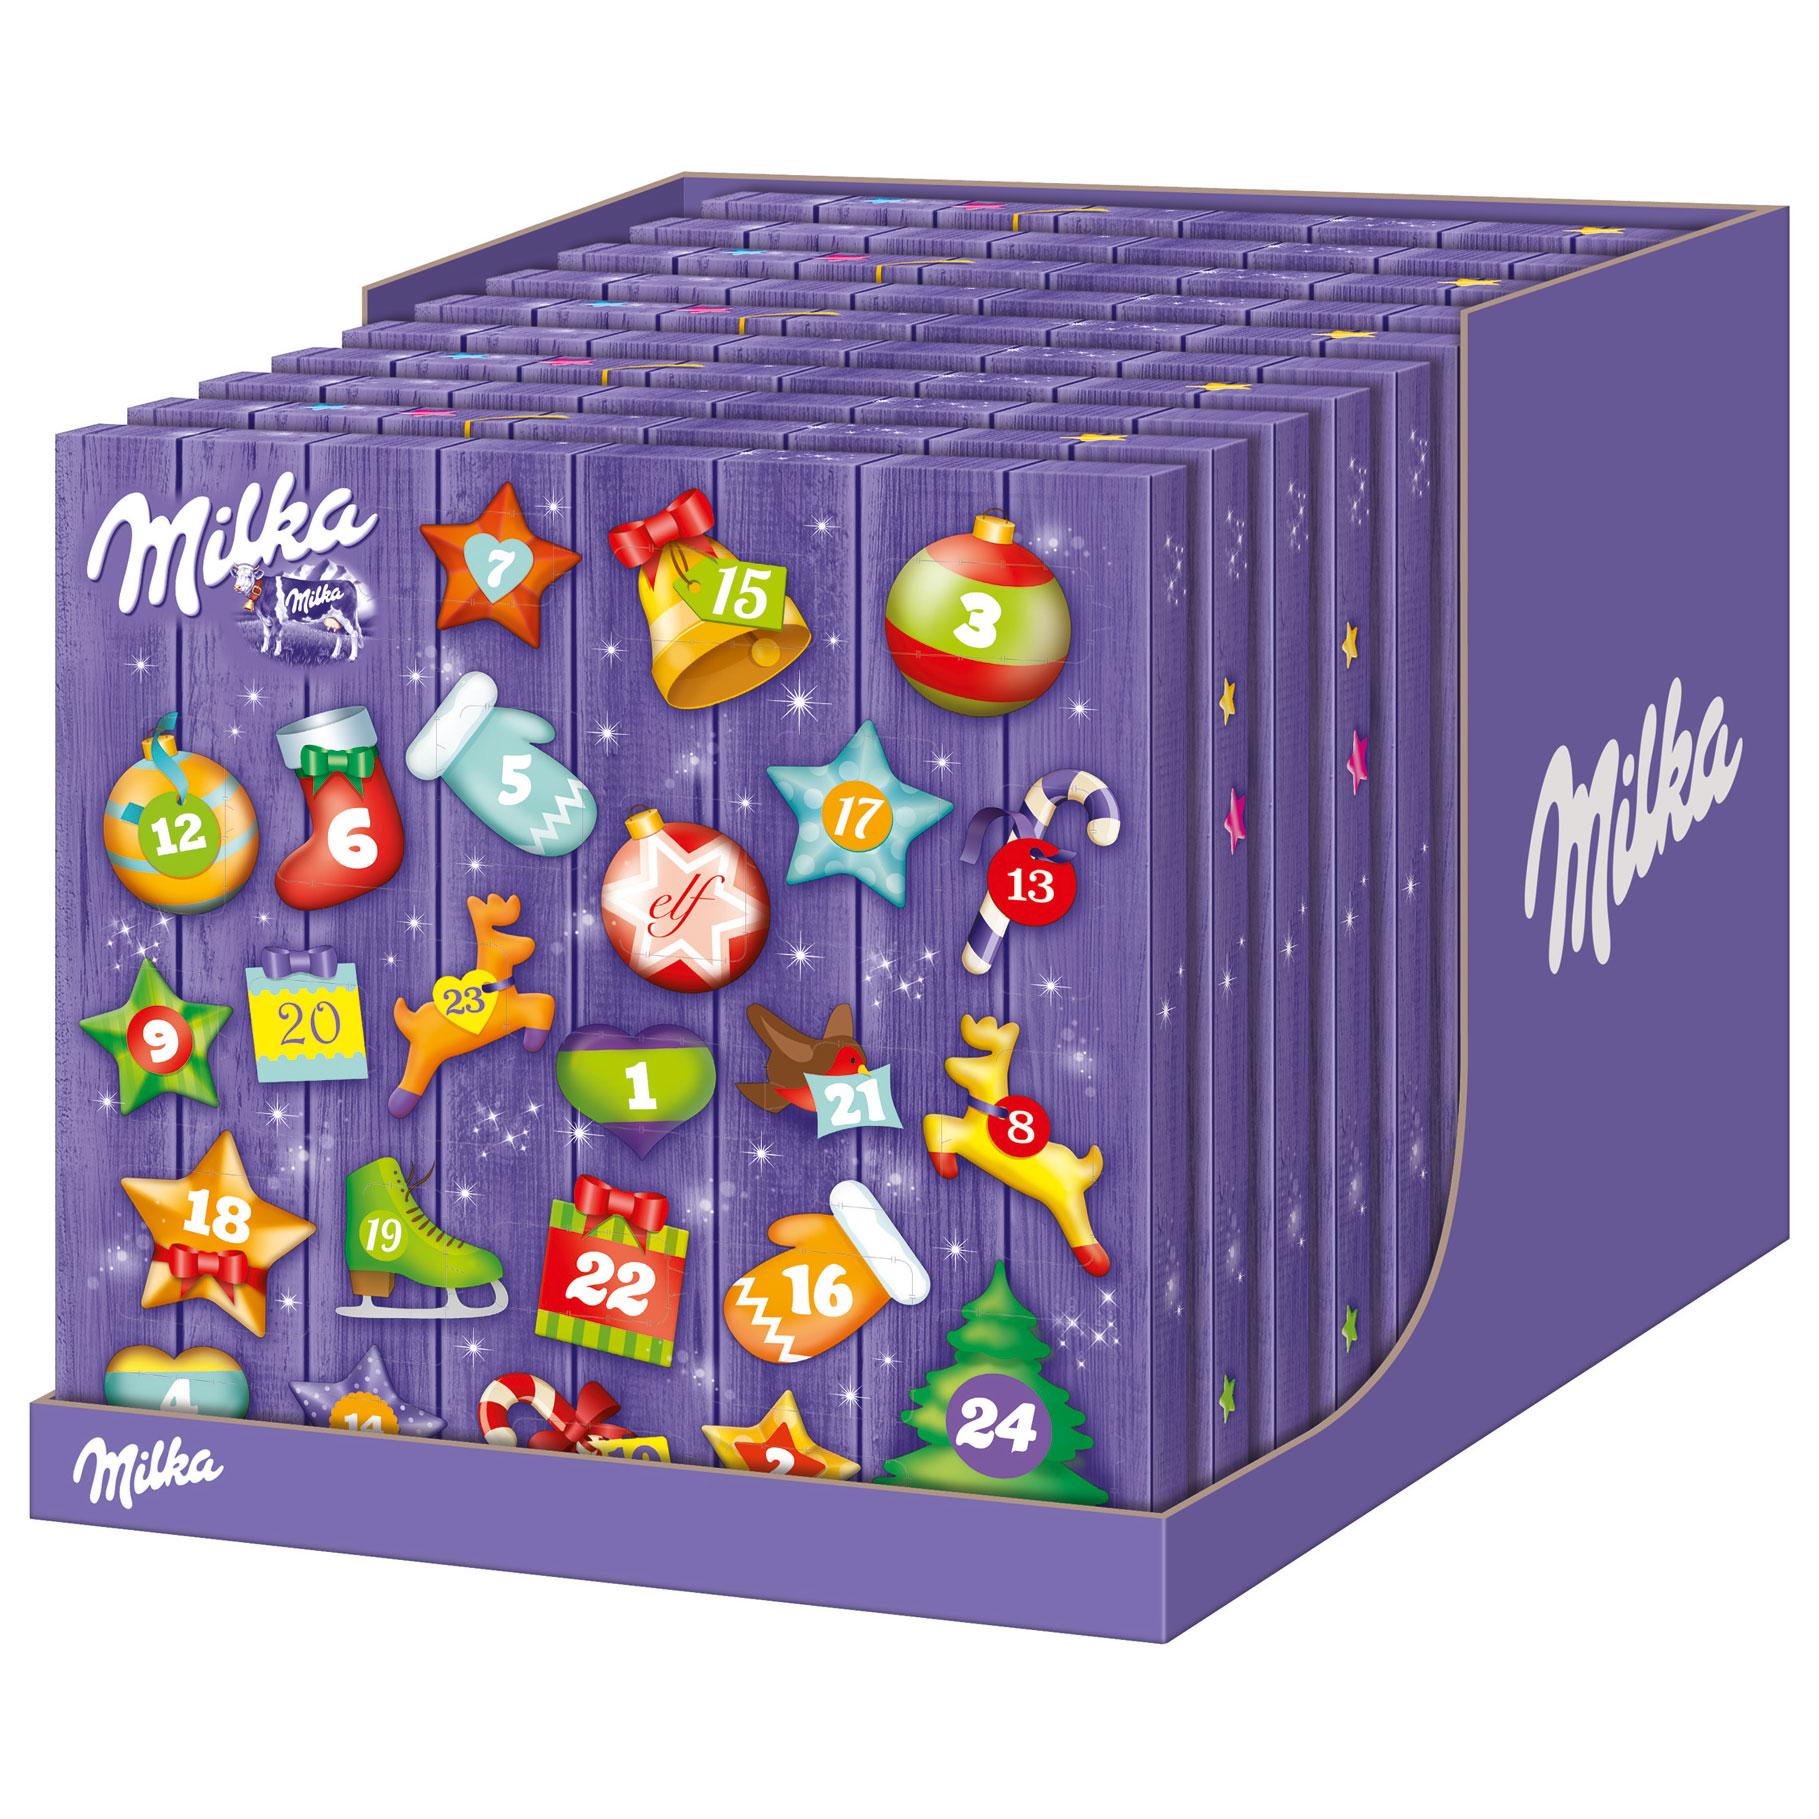 milka mix adventskalender online kaufen im world of sweets shop. Black Bedroom Furniture Sets. Home Design Ideas